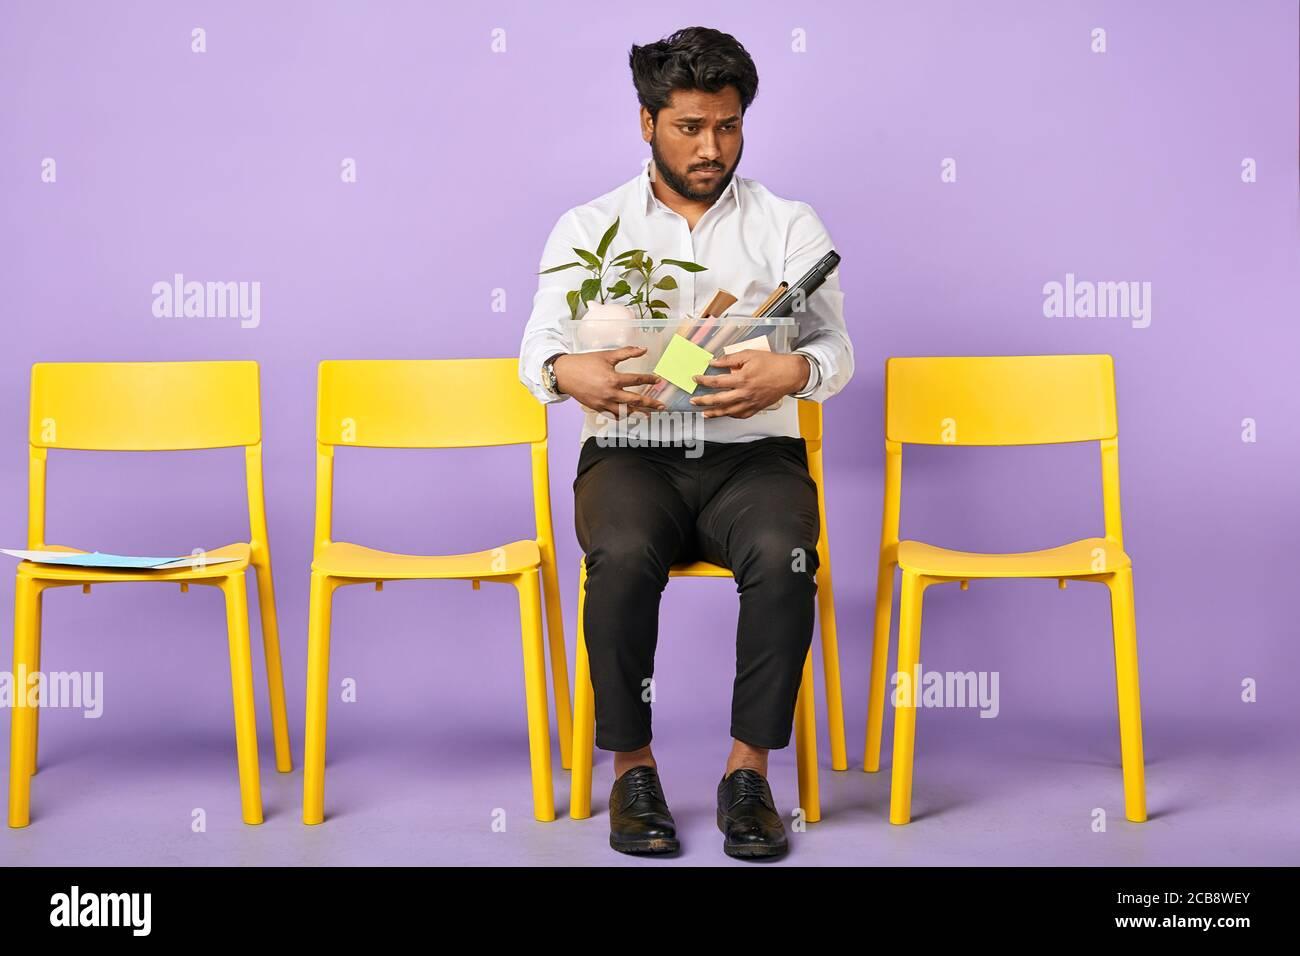 Retrato de triste joven de piel oscura que sostiene caja de personal las pertenencias son despedido del trabajo Foto de stock